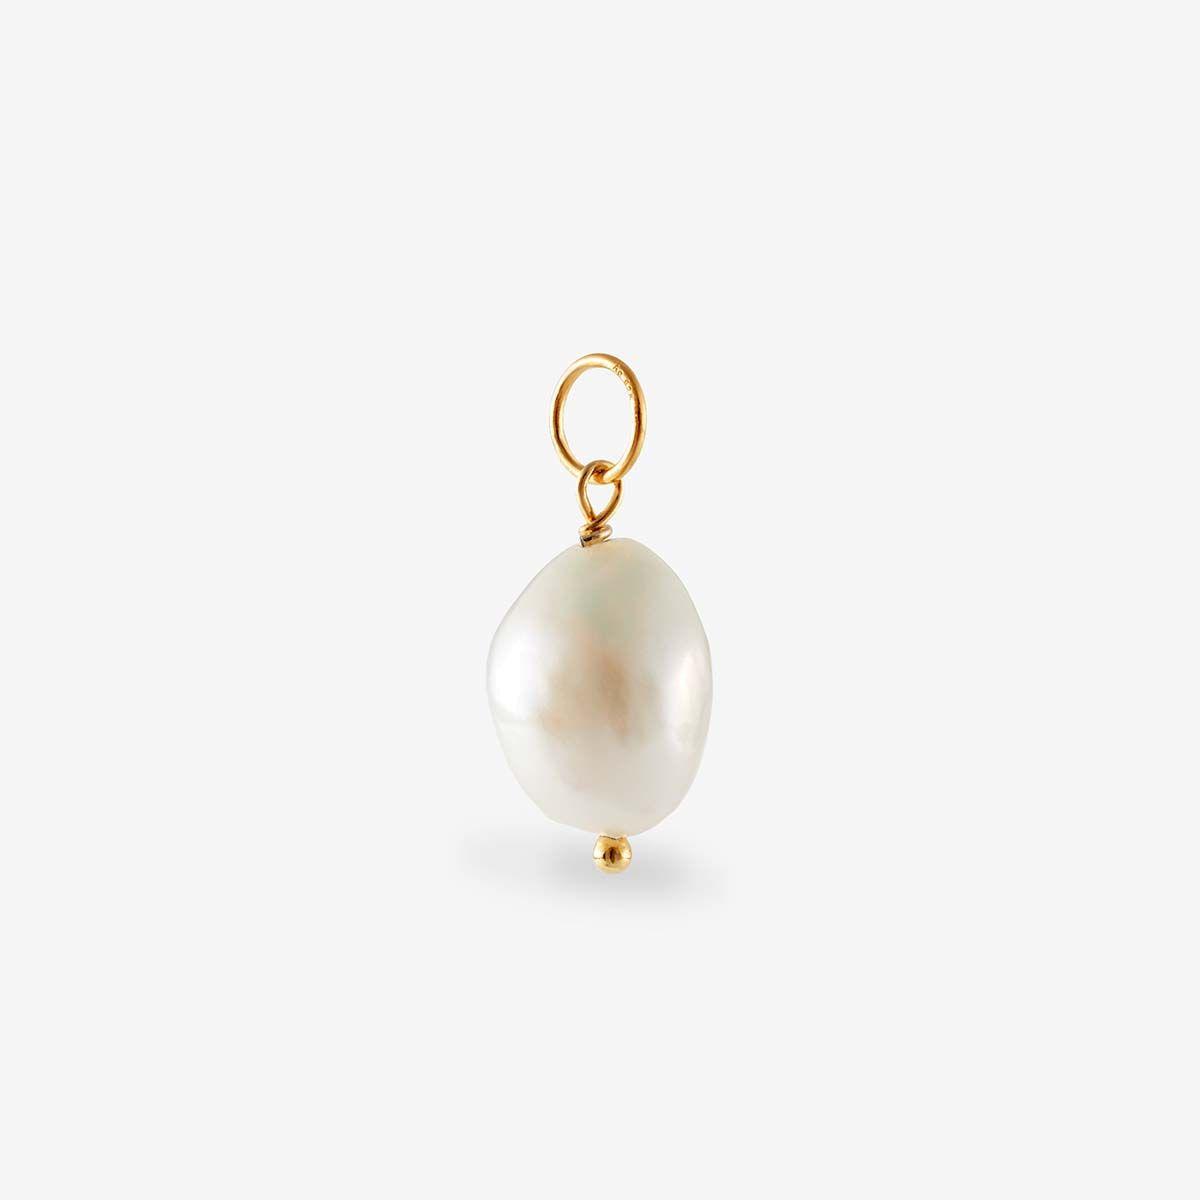 Anhänger Perle - Kettenanhänger - 18k vergoldet